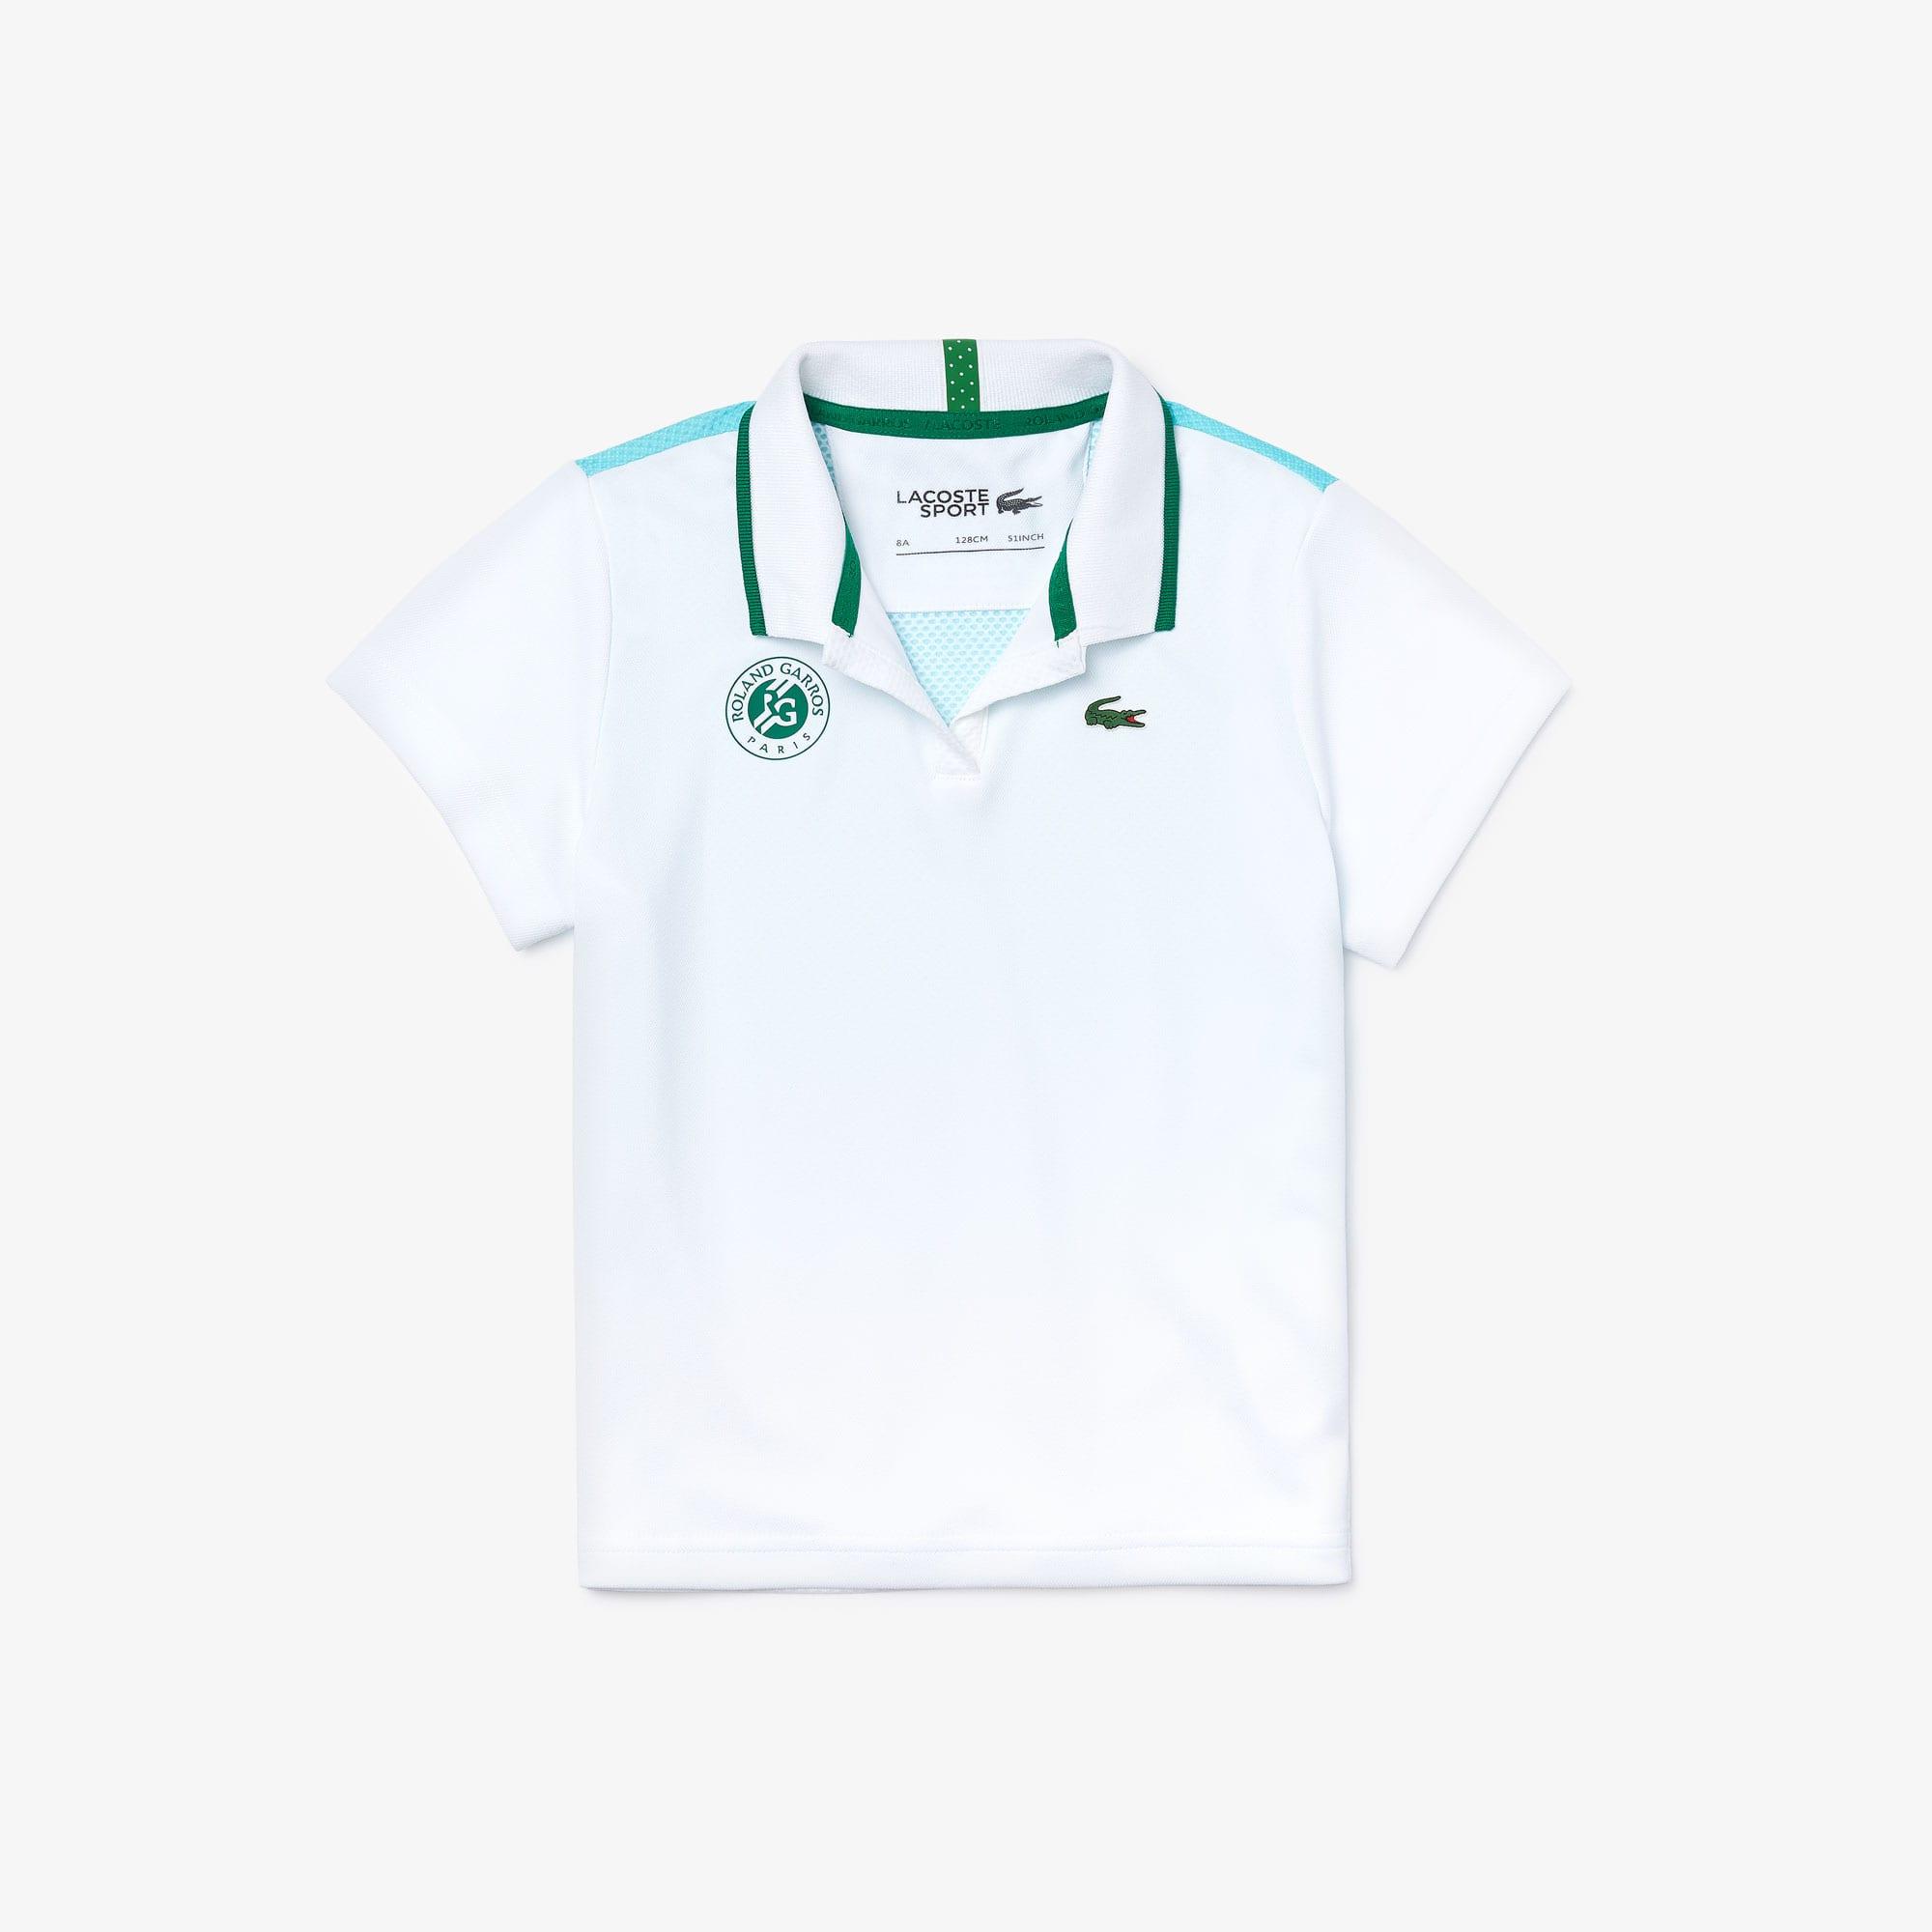 라코스테 Lacoste Girls SPORT Roland Garros V-Neck Polo Shirt,White / Turquoise / Green • YPK